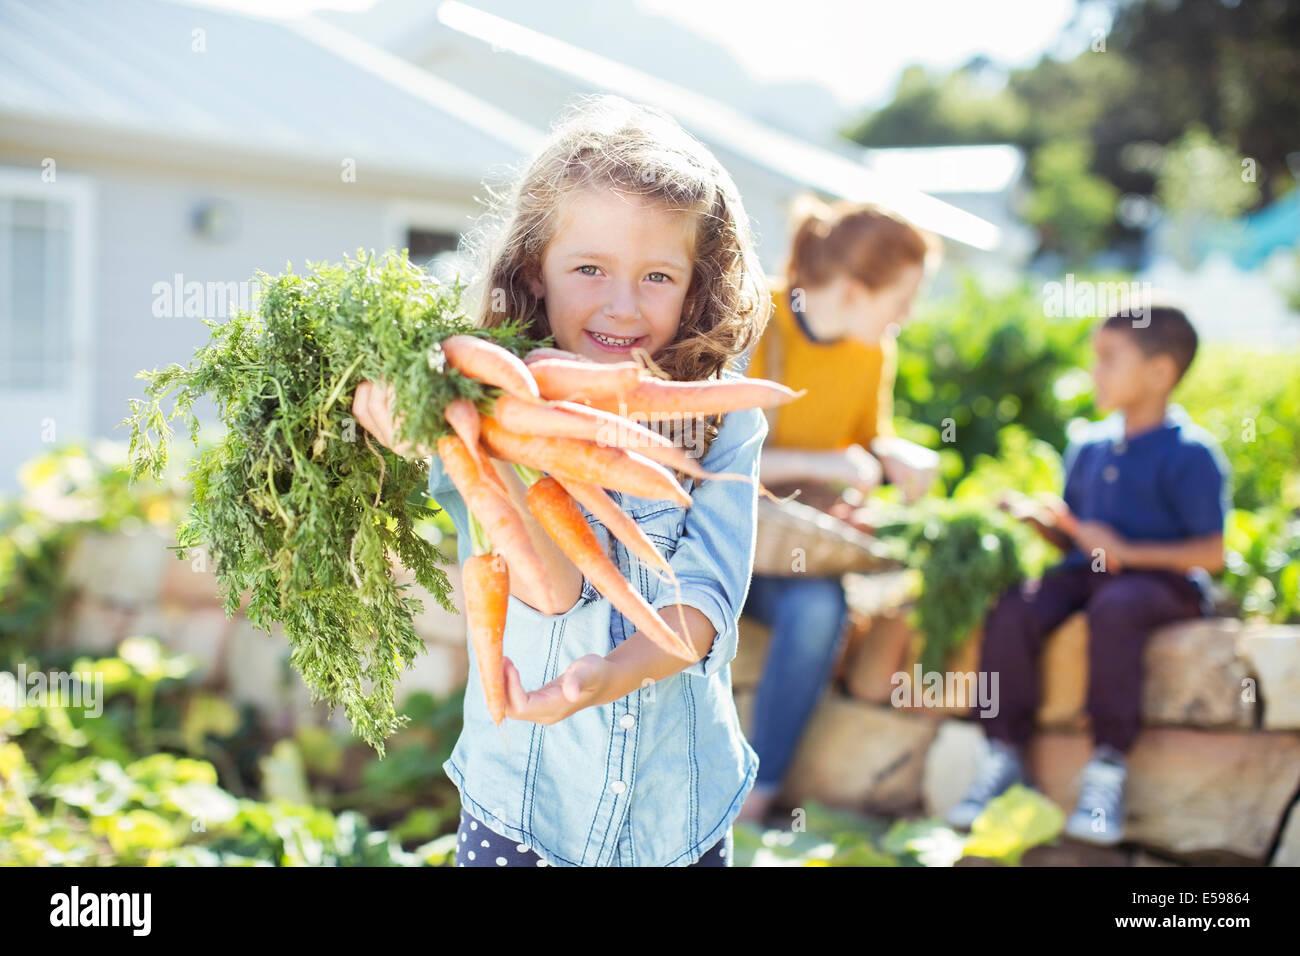 Ragazza con mazzo di carote in giardino Immagini Stock